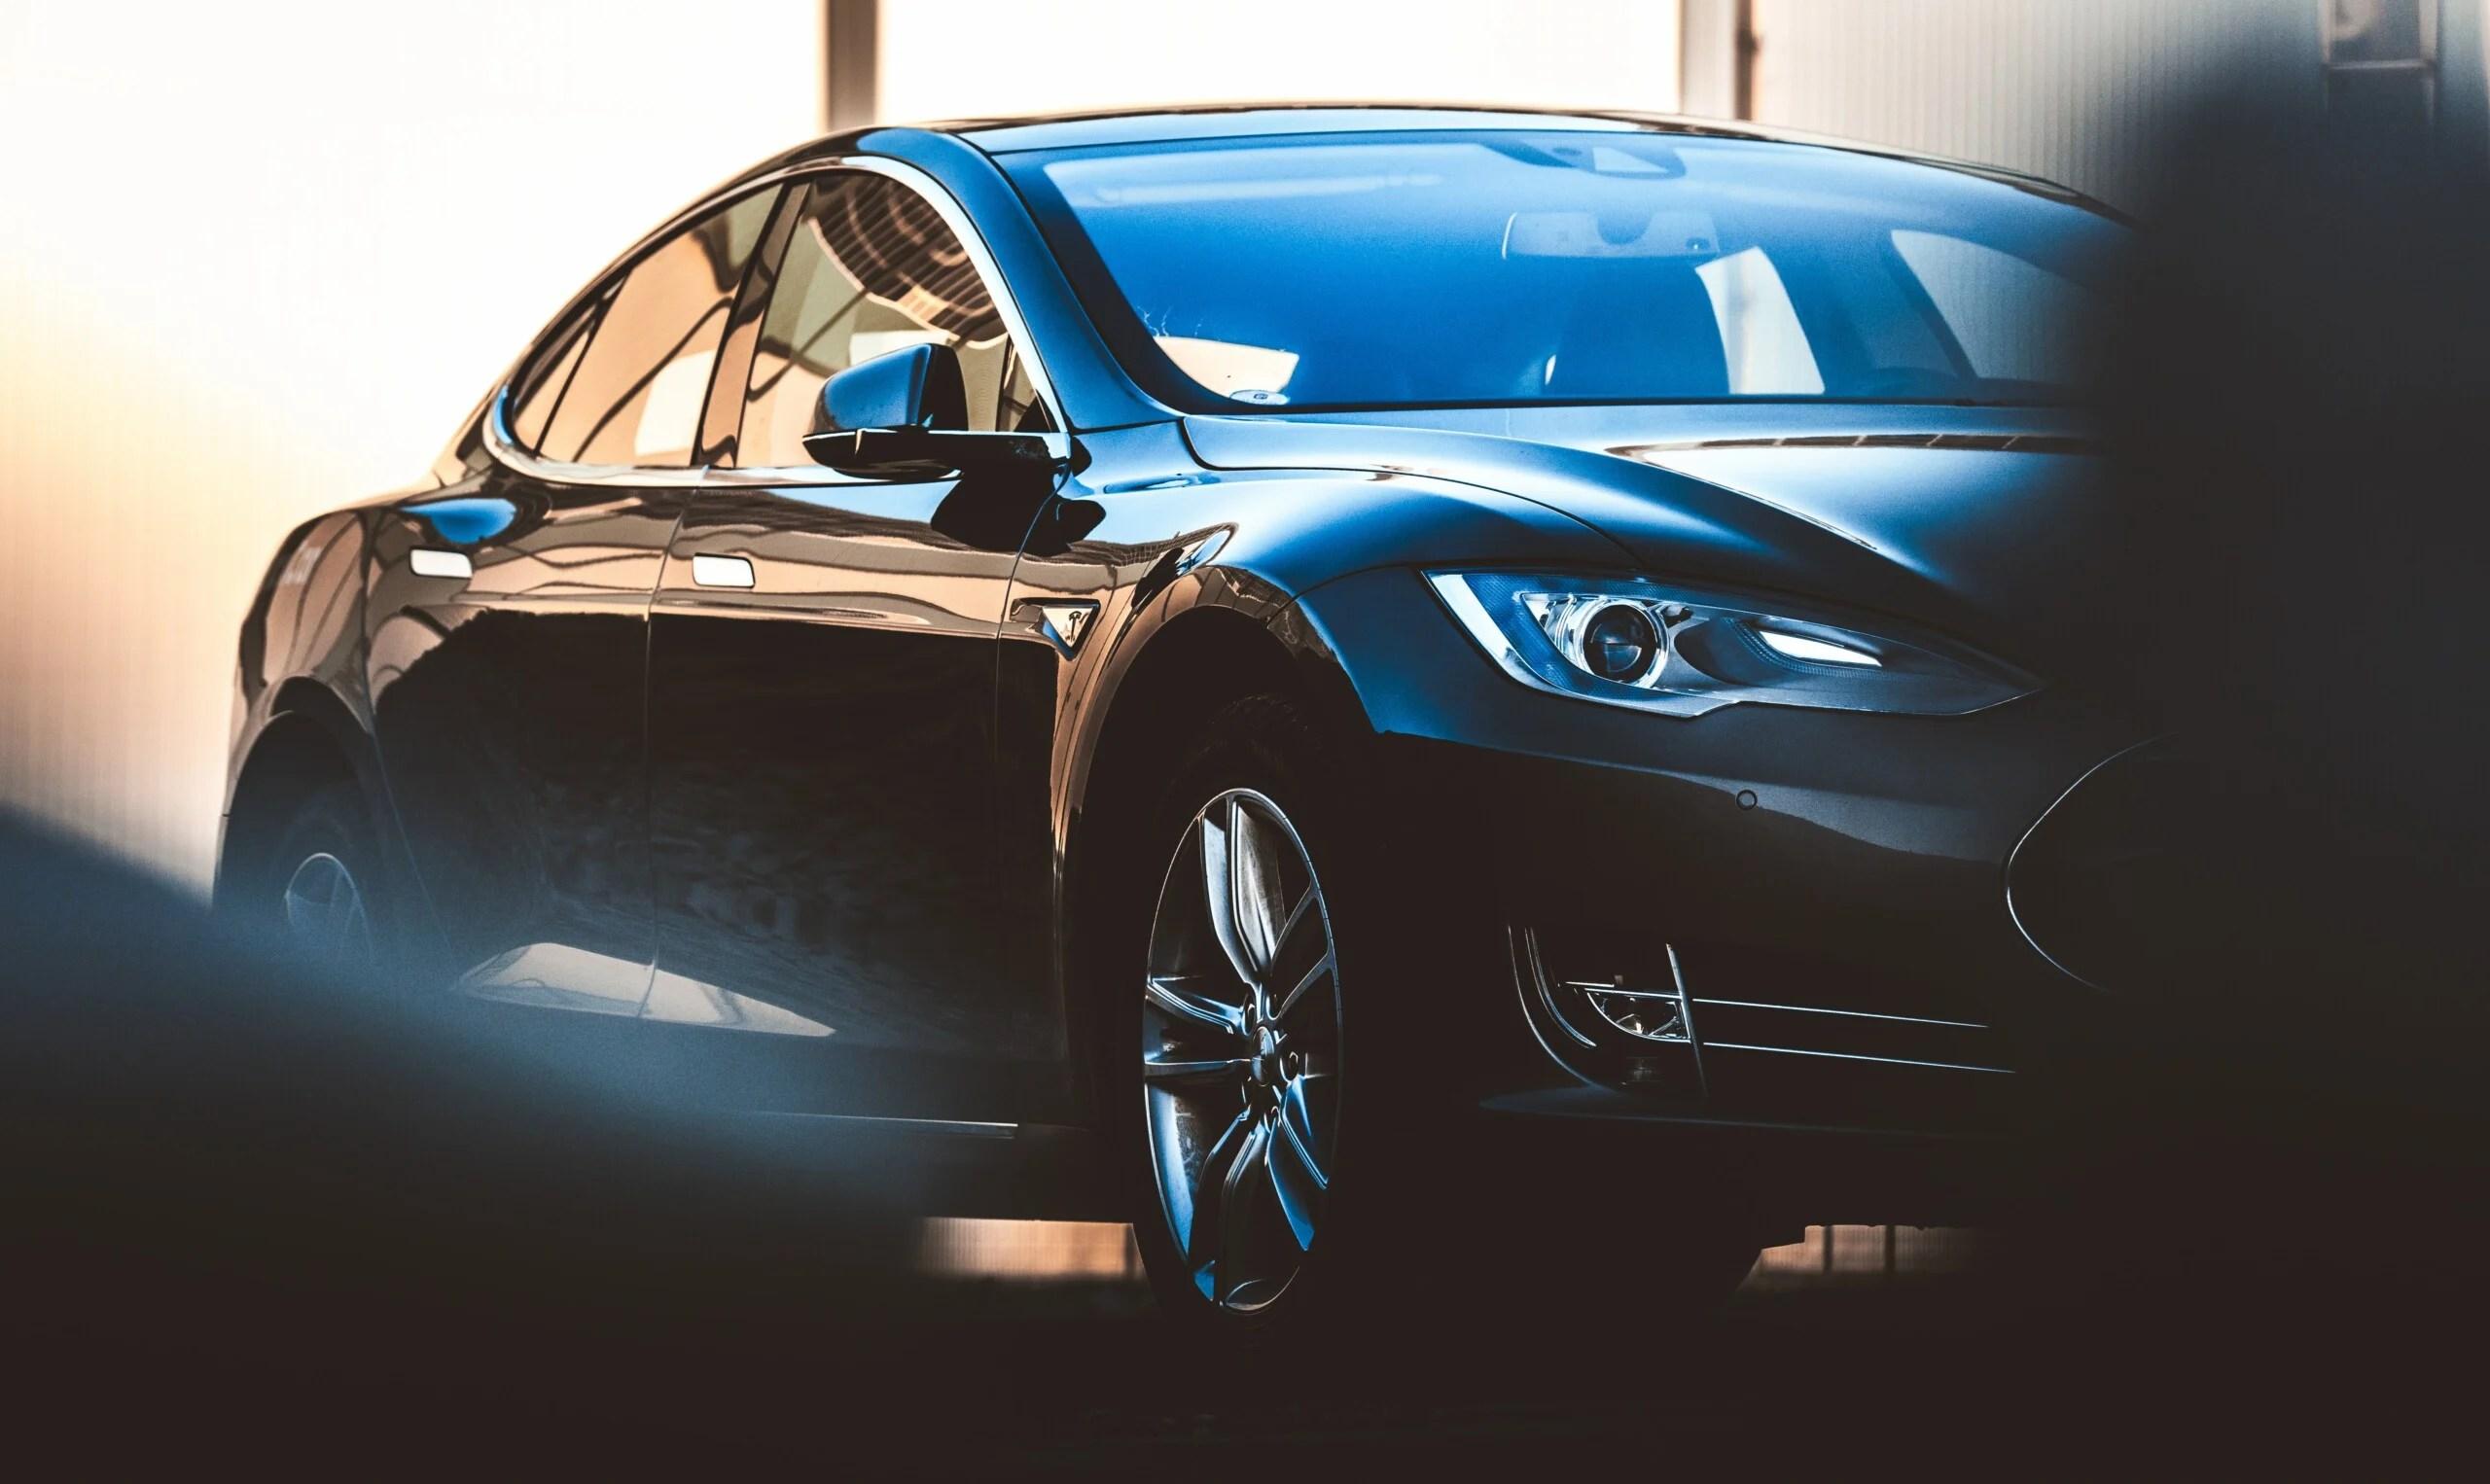 Superchargeurs Tesla ouverts à tous: voici comment cela va fonctionner